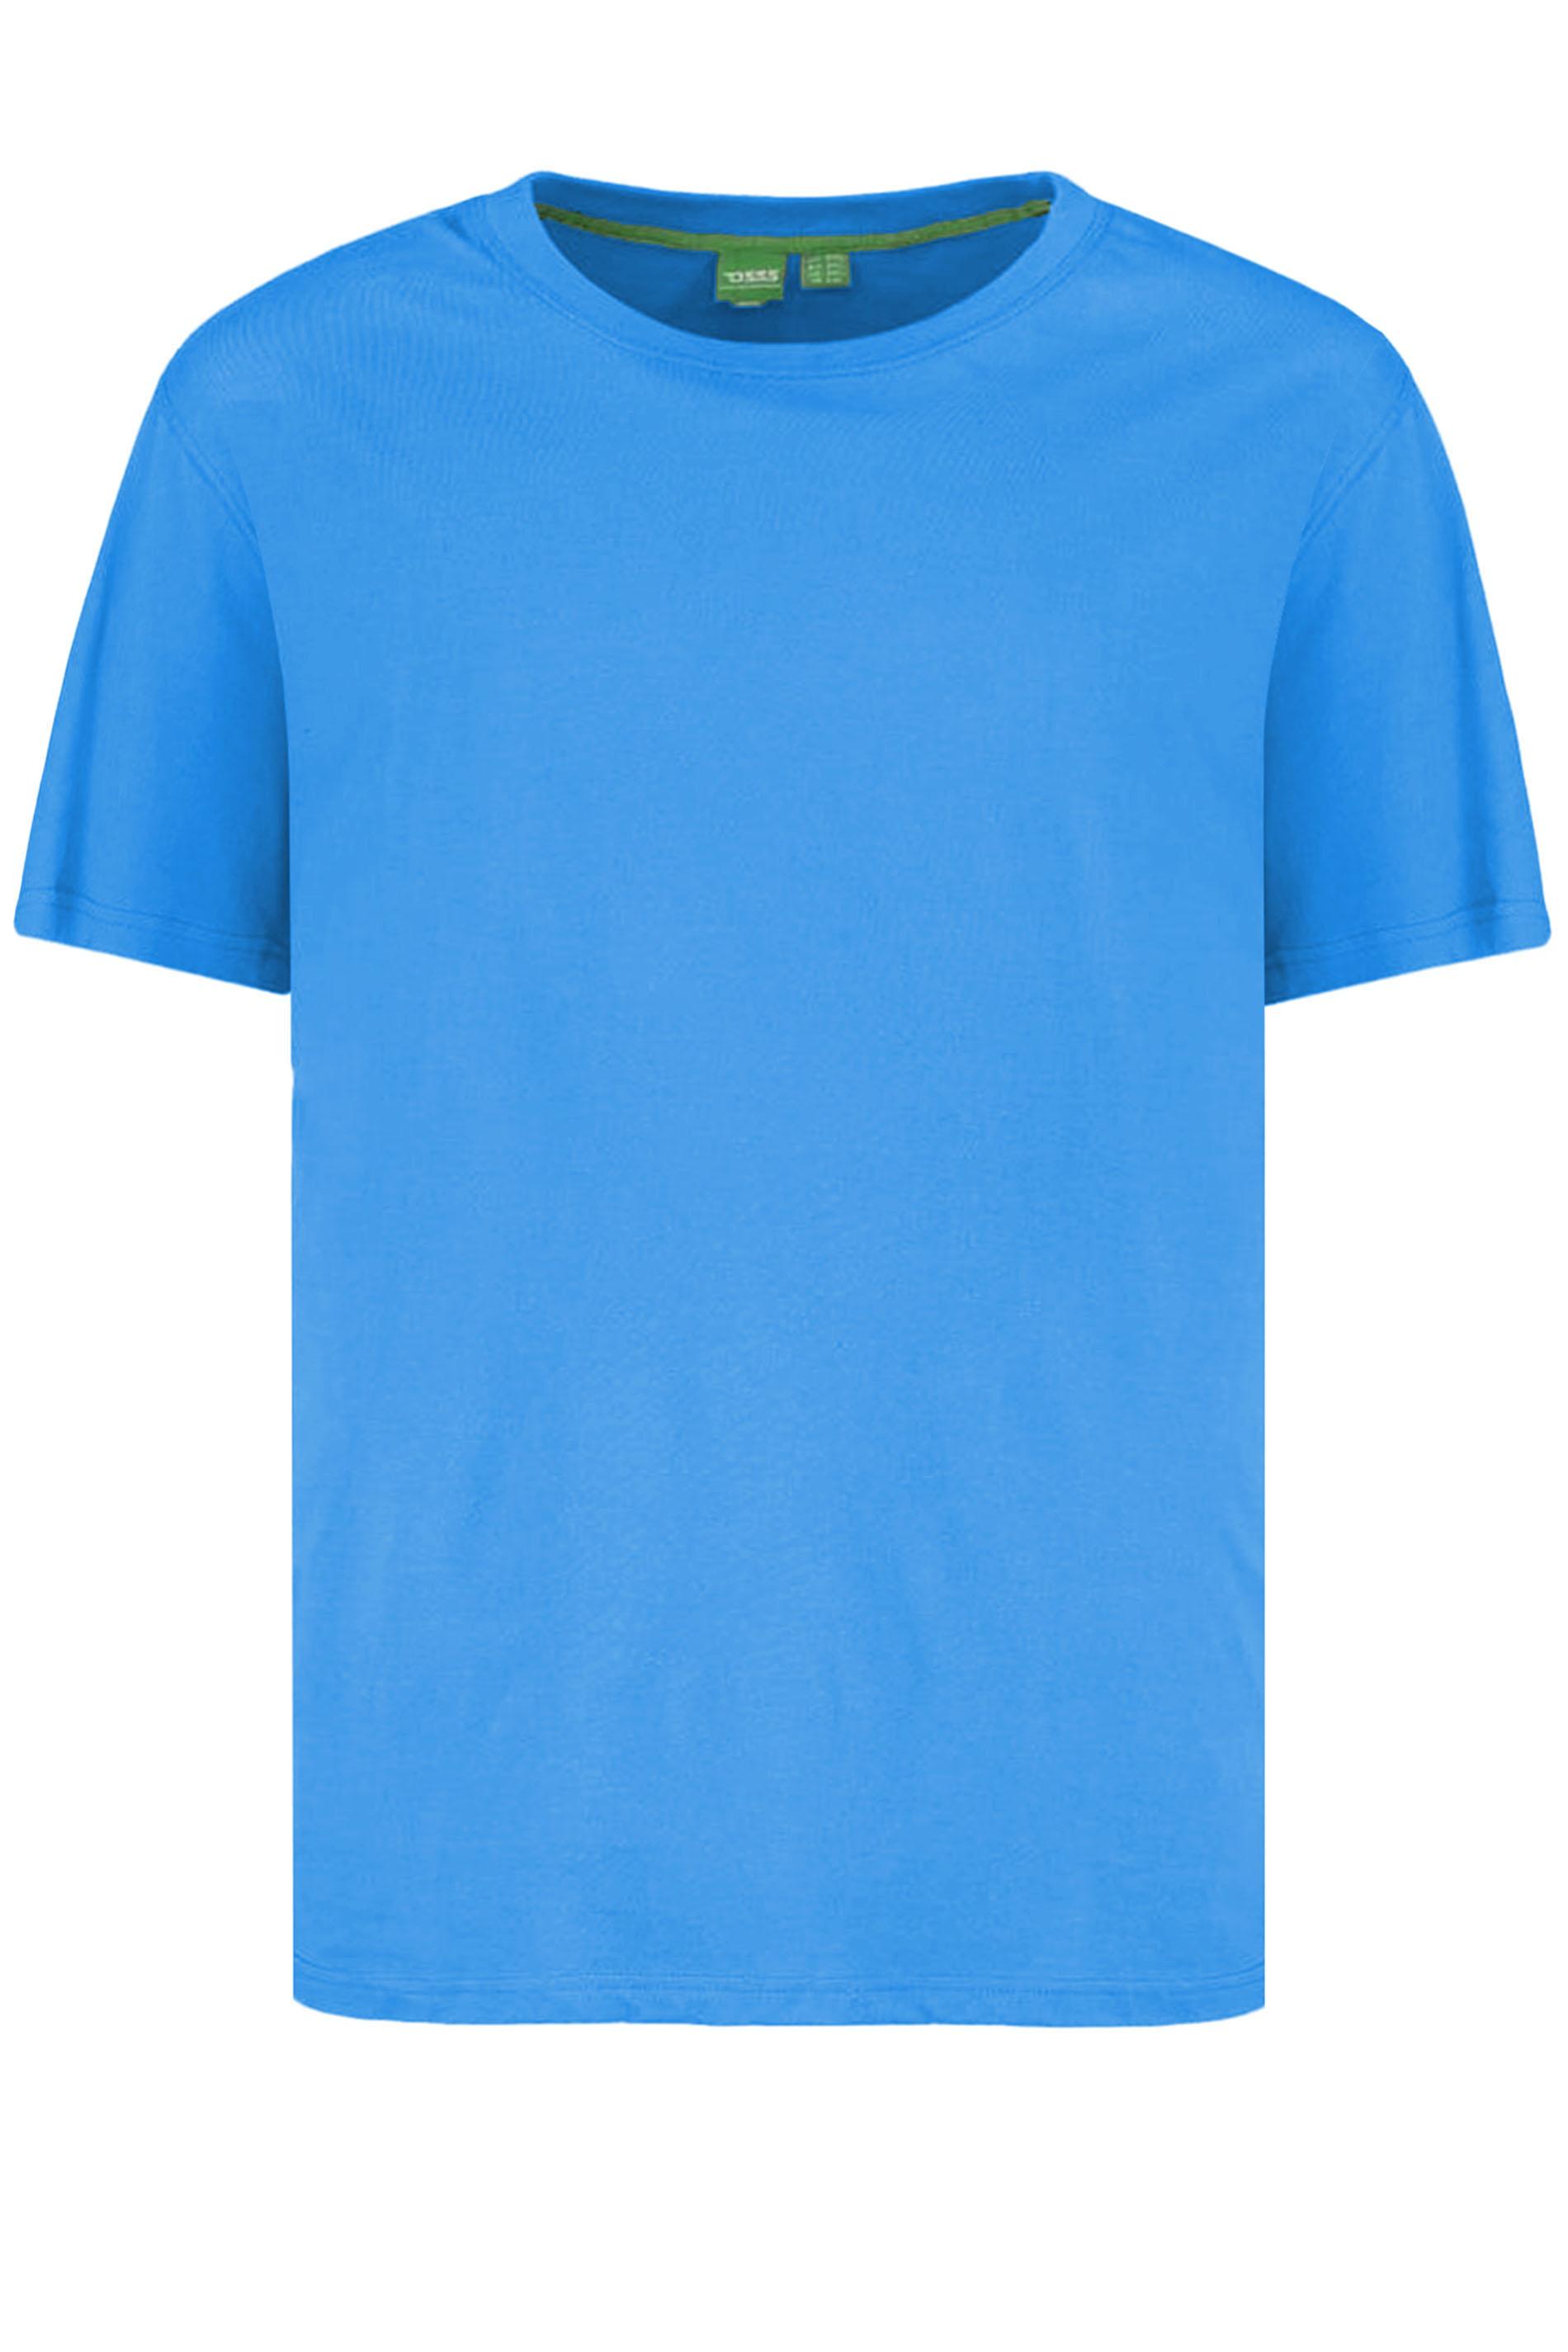 D555 Royal Blue Duke Basic T-Shirt